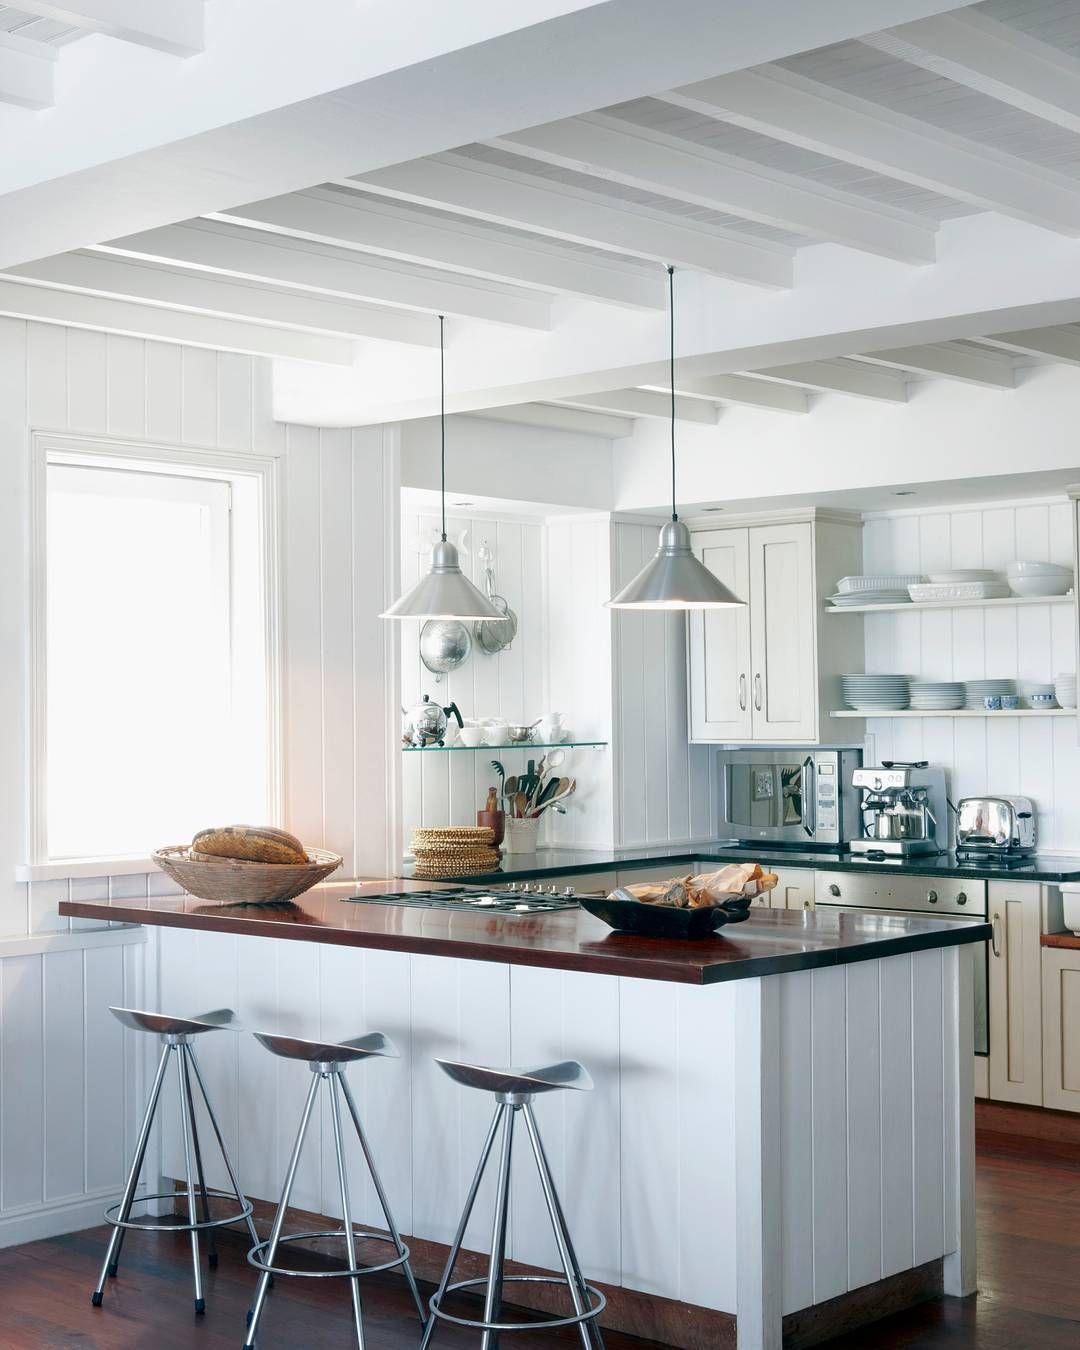 Inspirate Y Apunta Las Ideas Que Ofrecen Estos Bonitos Ambientes Decorados En Color Blanco Vigas De Madera Vigas Cocinas